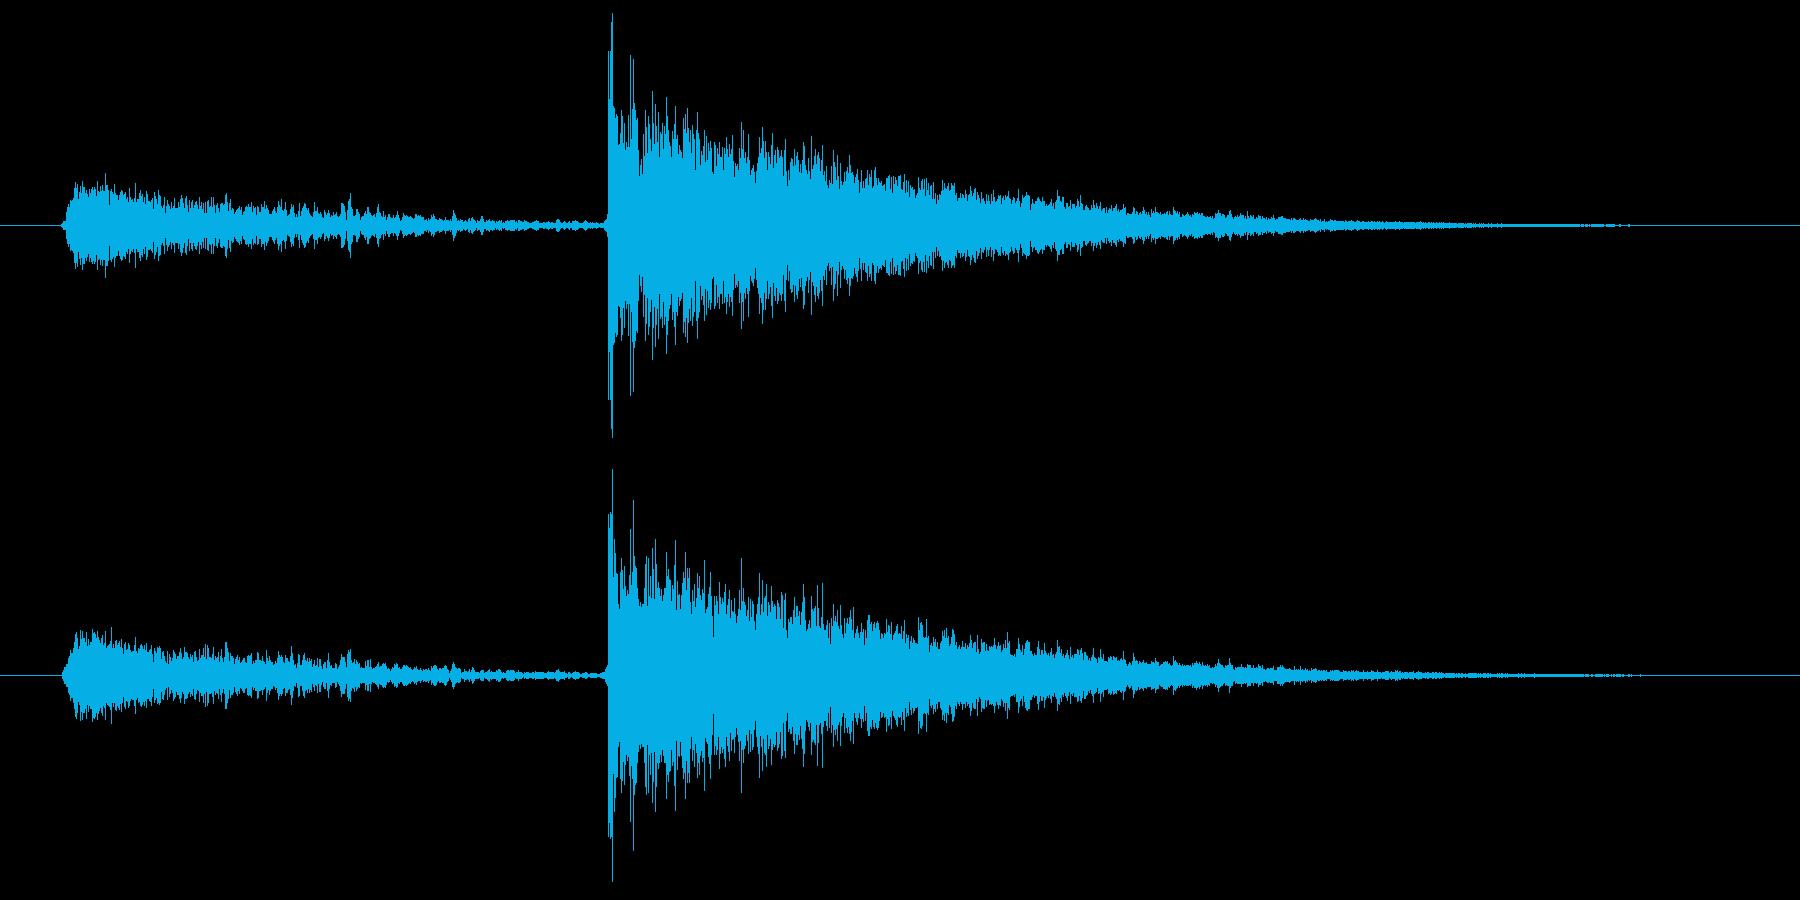 闇のスキルが成長したときの効果音2の再生済みの波形